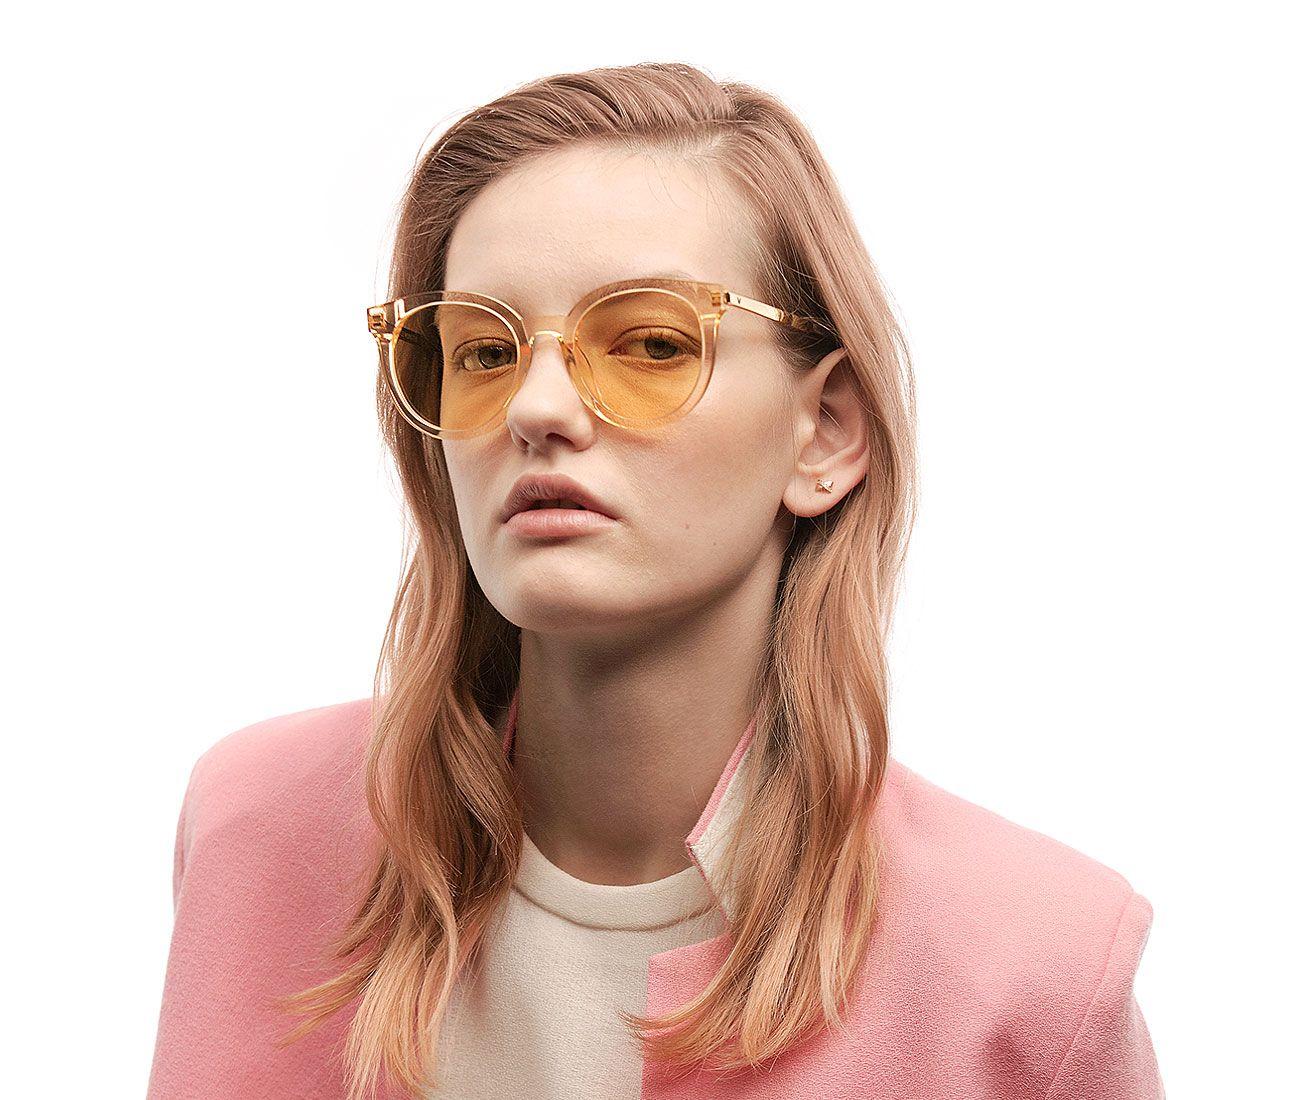 e300759914f4ad GENTLE MONSTER - DIDI A YC2 | accessories | Sunglasses shop ...